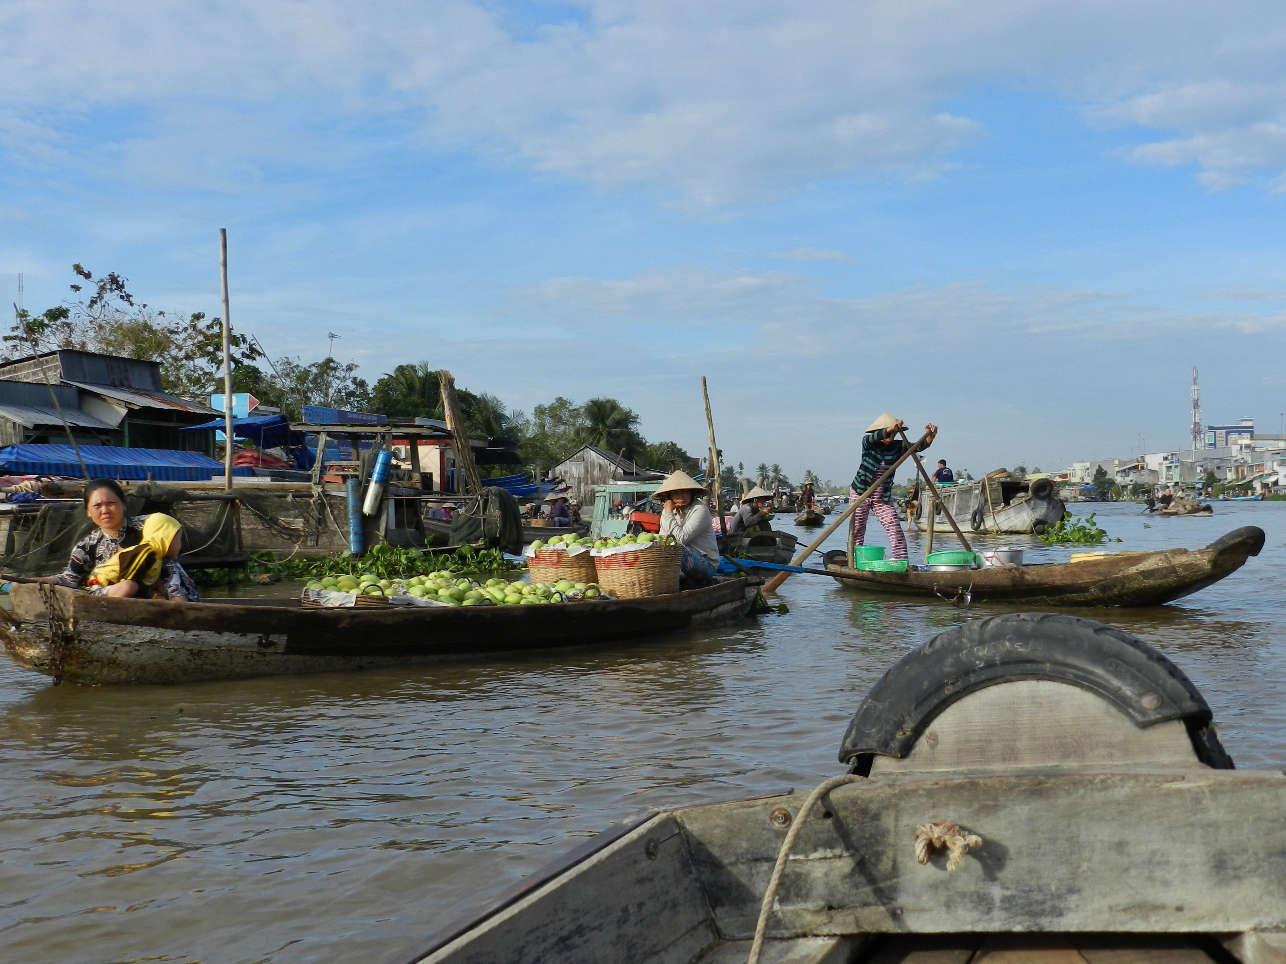 Cai Rang Market near Can Tho